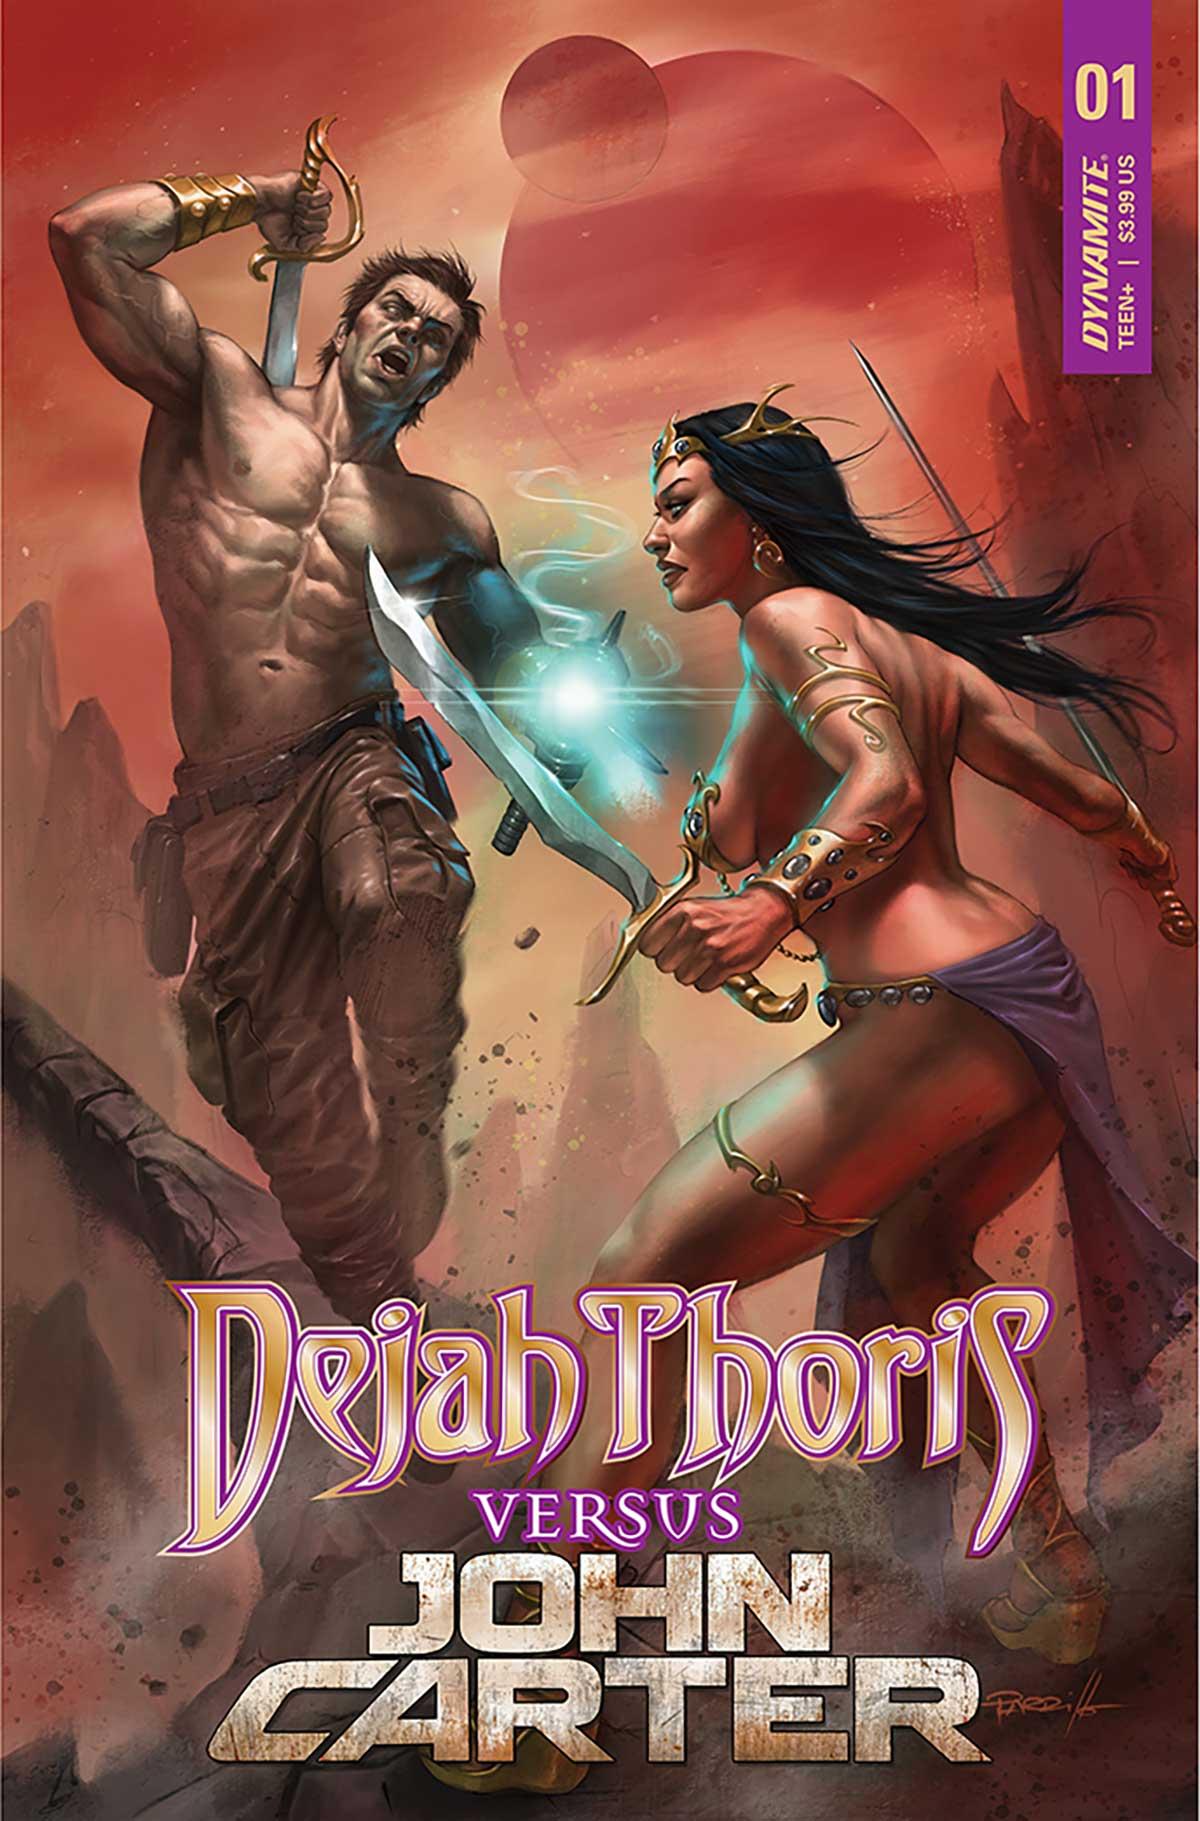 Dejah Thoris versus John Carter